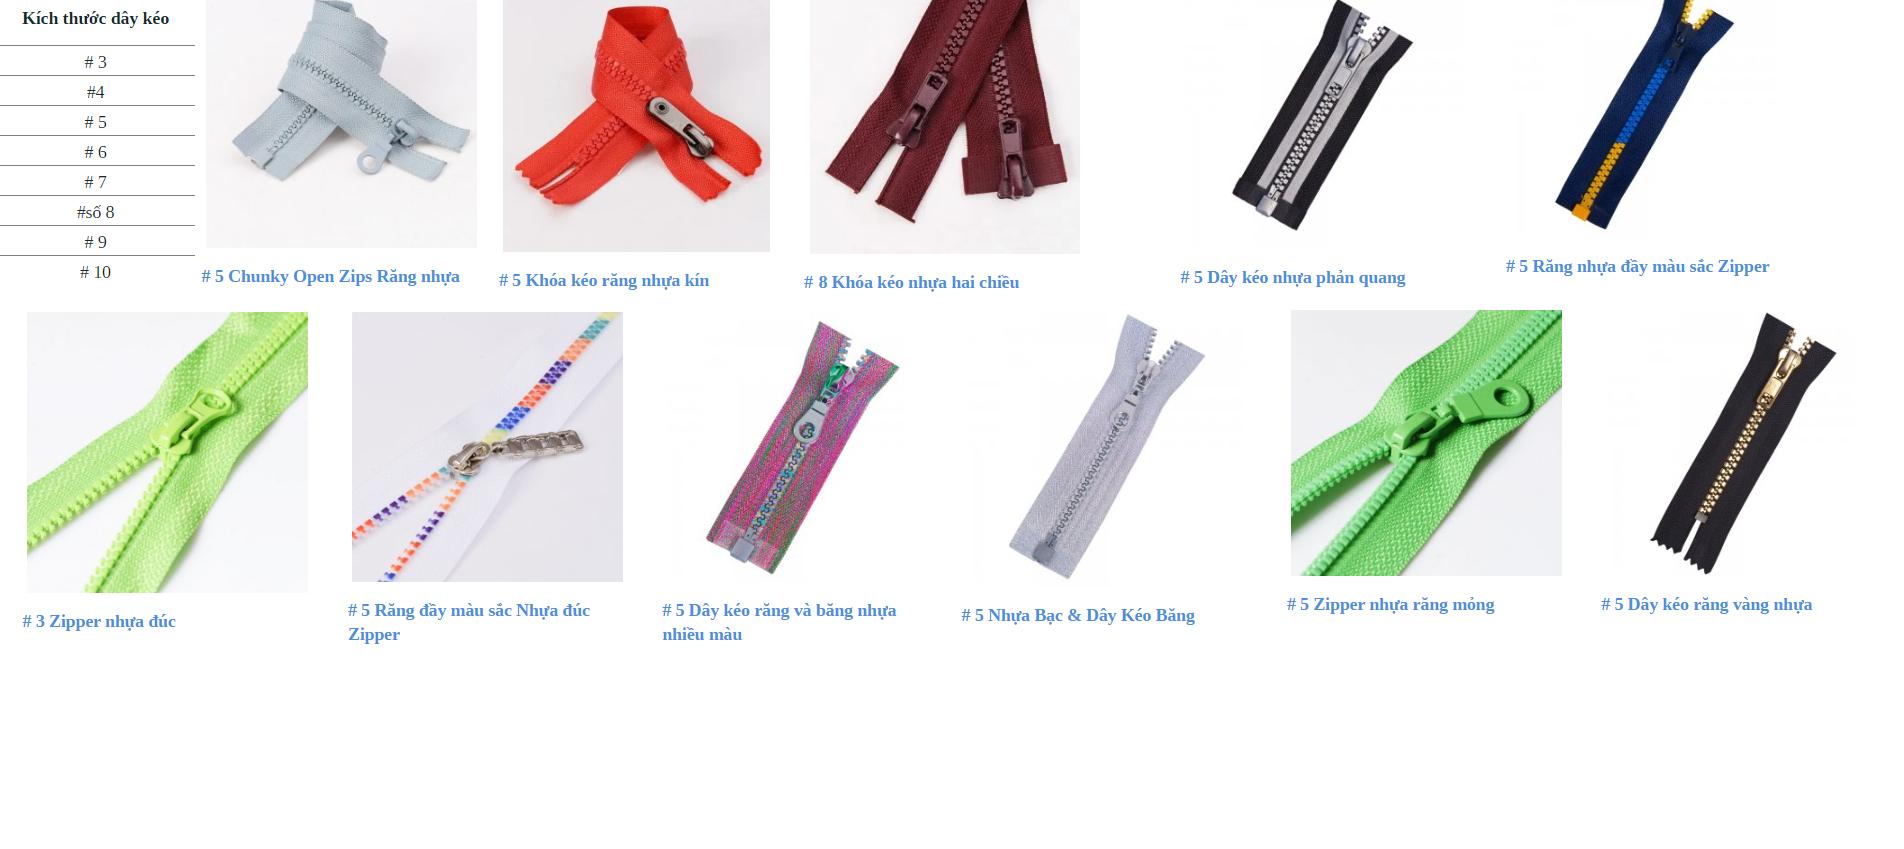 Dây khóa kéo răng nhựa